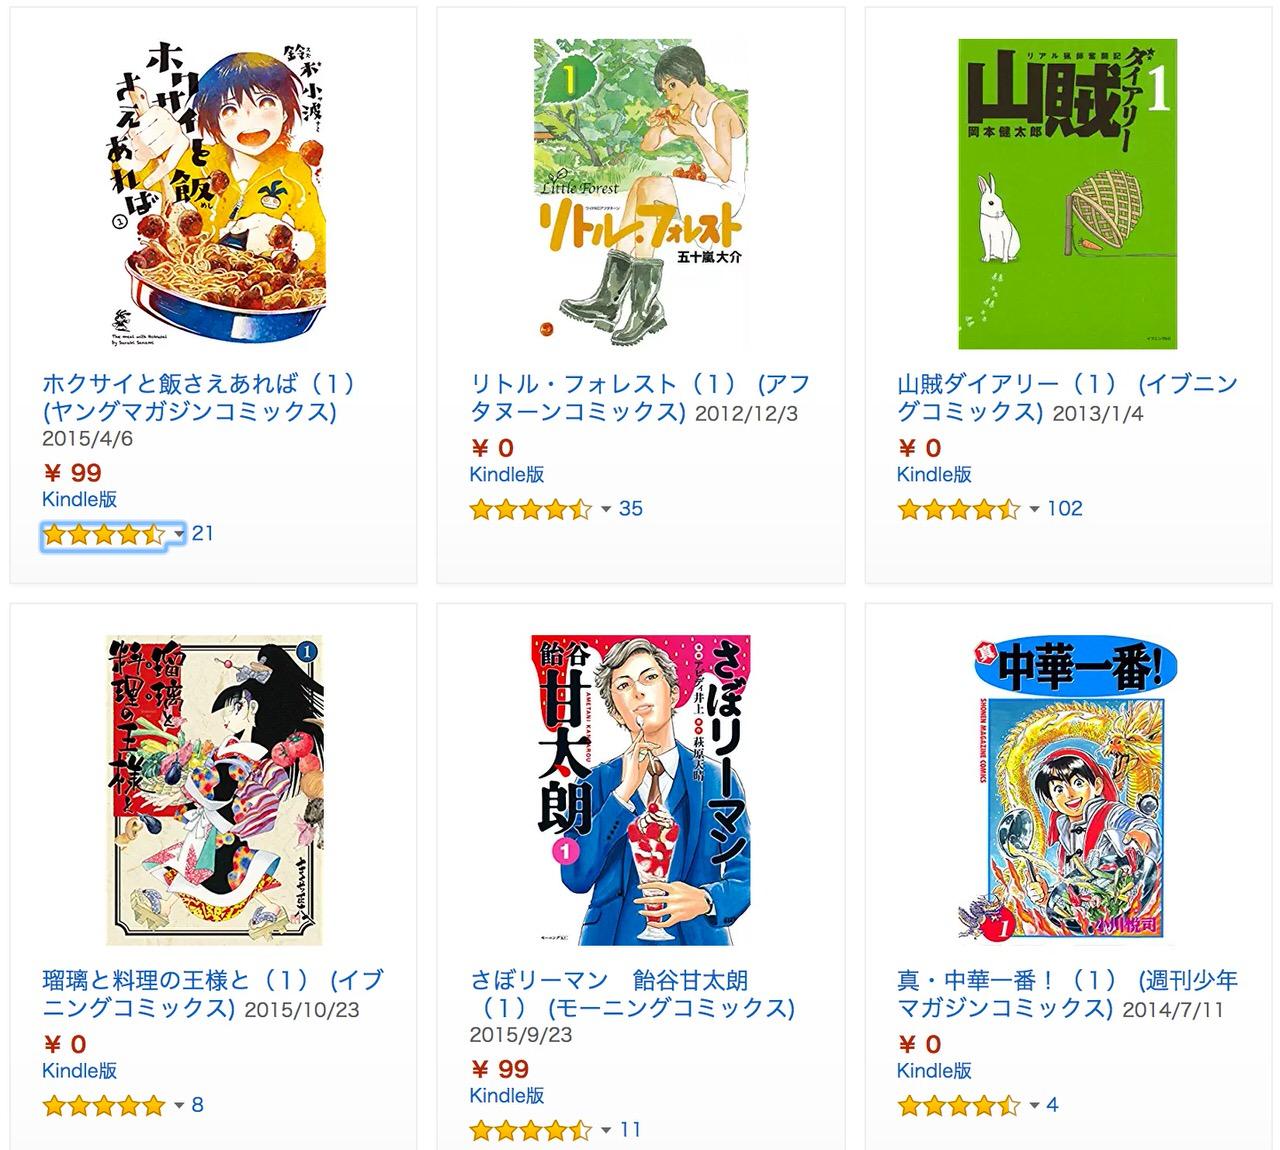 【Kindle】期間限定無料多数!食べ物&料理マンガ特集(〜3月9日)